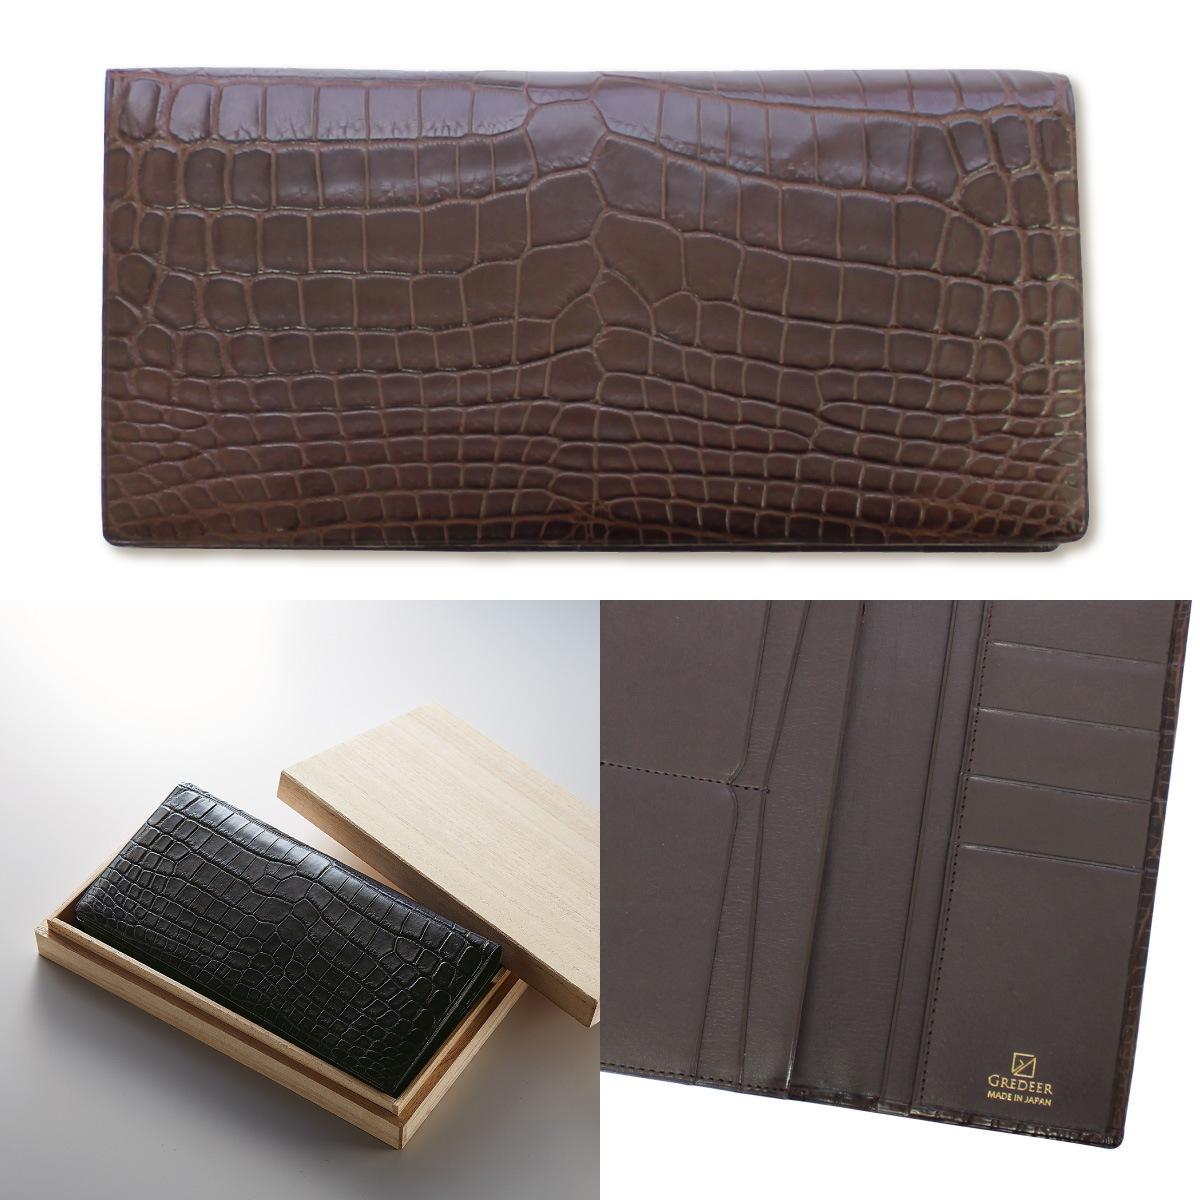 ワニ革(クロコダイル)のプレミアム財布 GREDEER クロコダイル 長財布 【カラー:ブラウン】